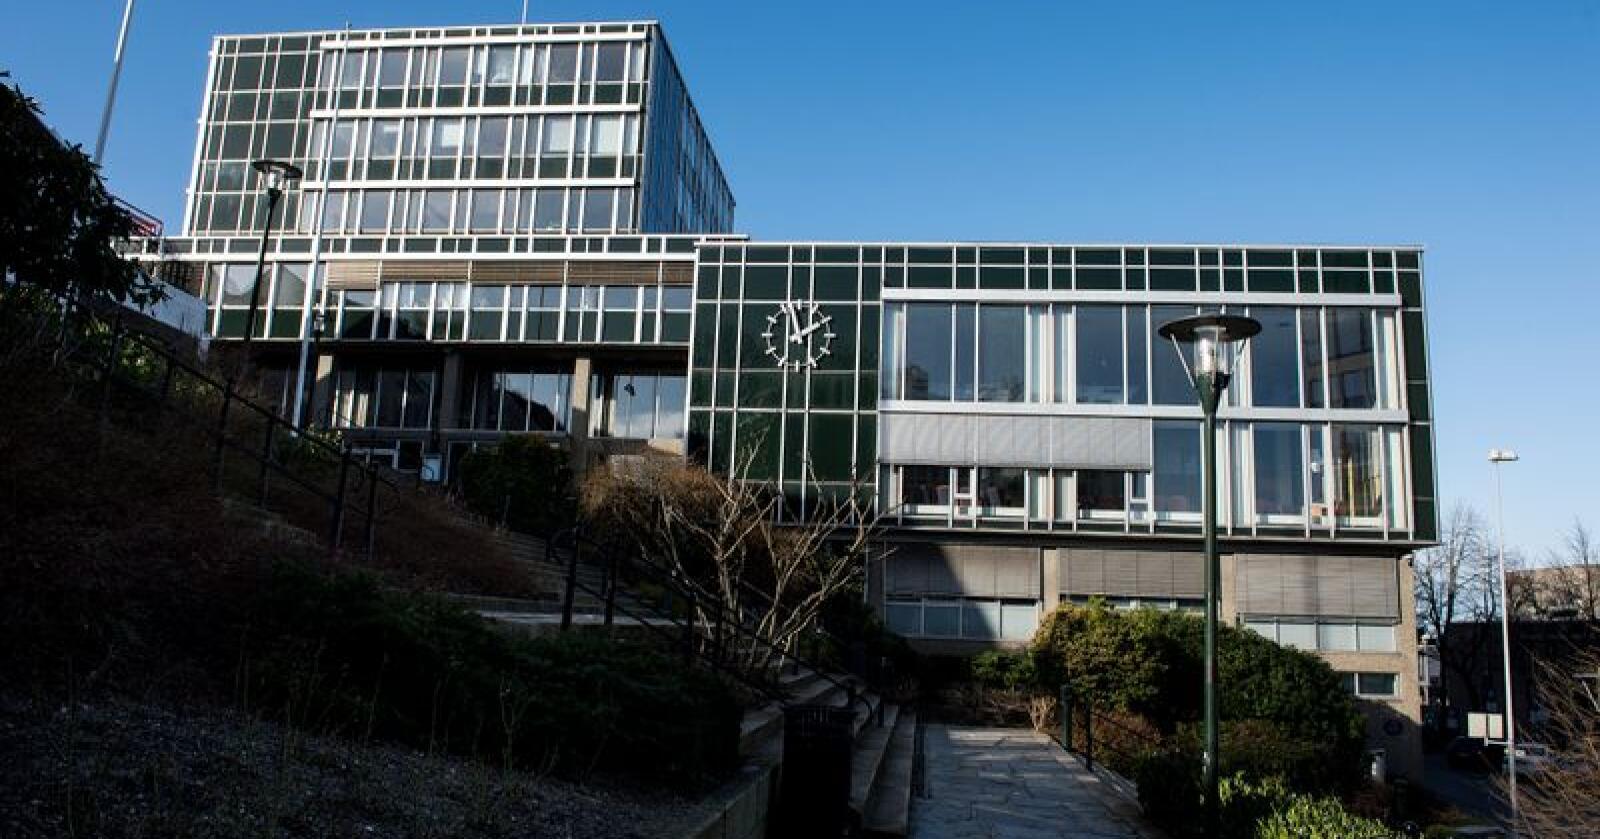 Tellekorpset i Stavanger rådhus er rammet av en betydelig forsinkelse på grunn av tekniske problemer. Foto: Carina Johansen / NTB scanpix